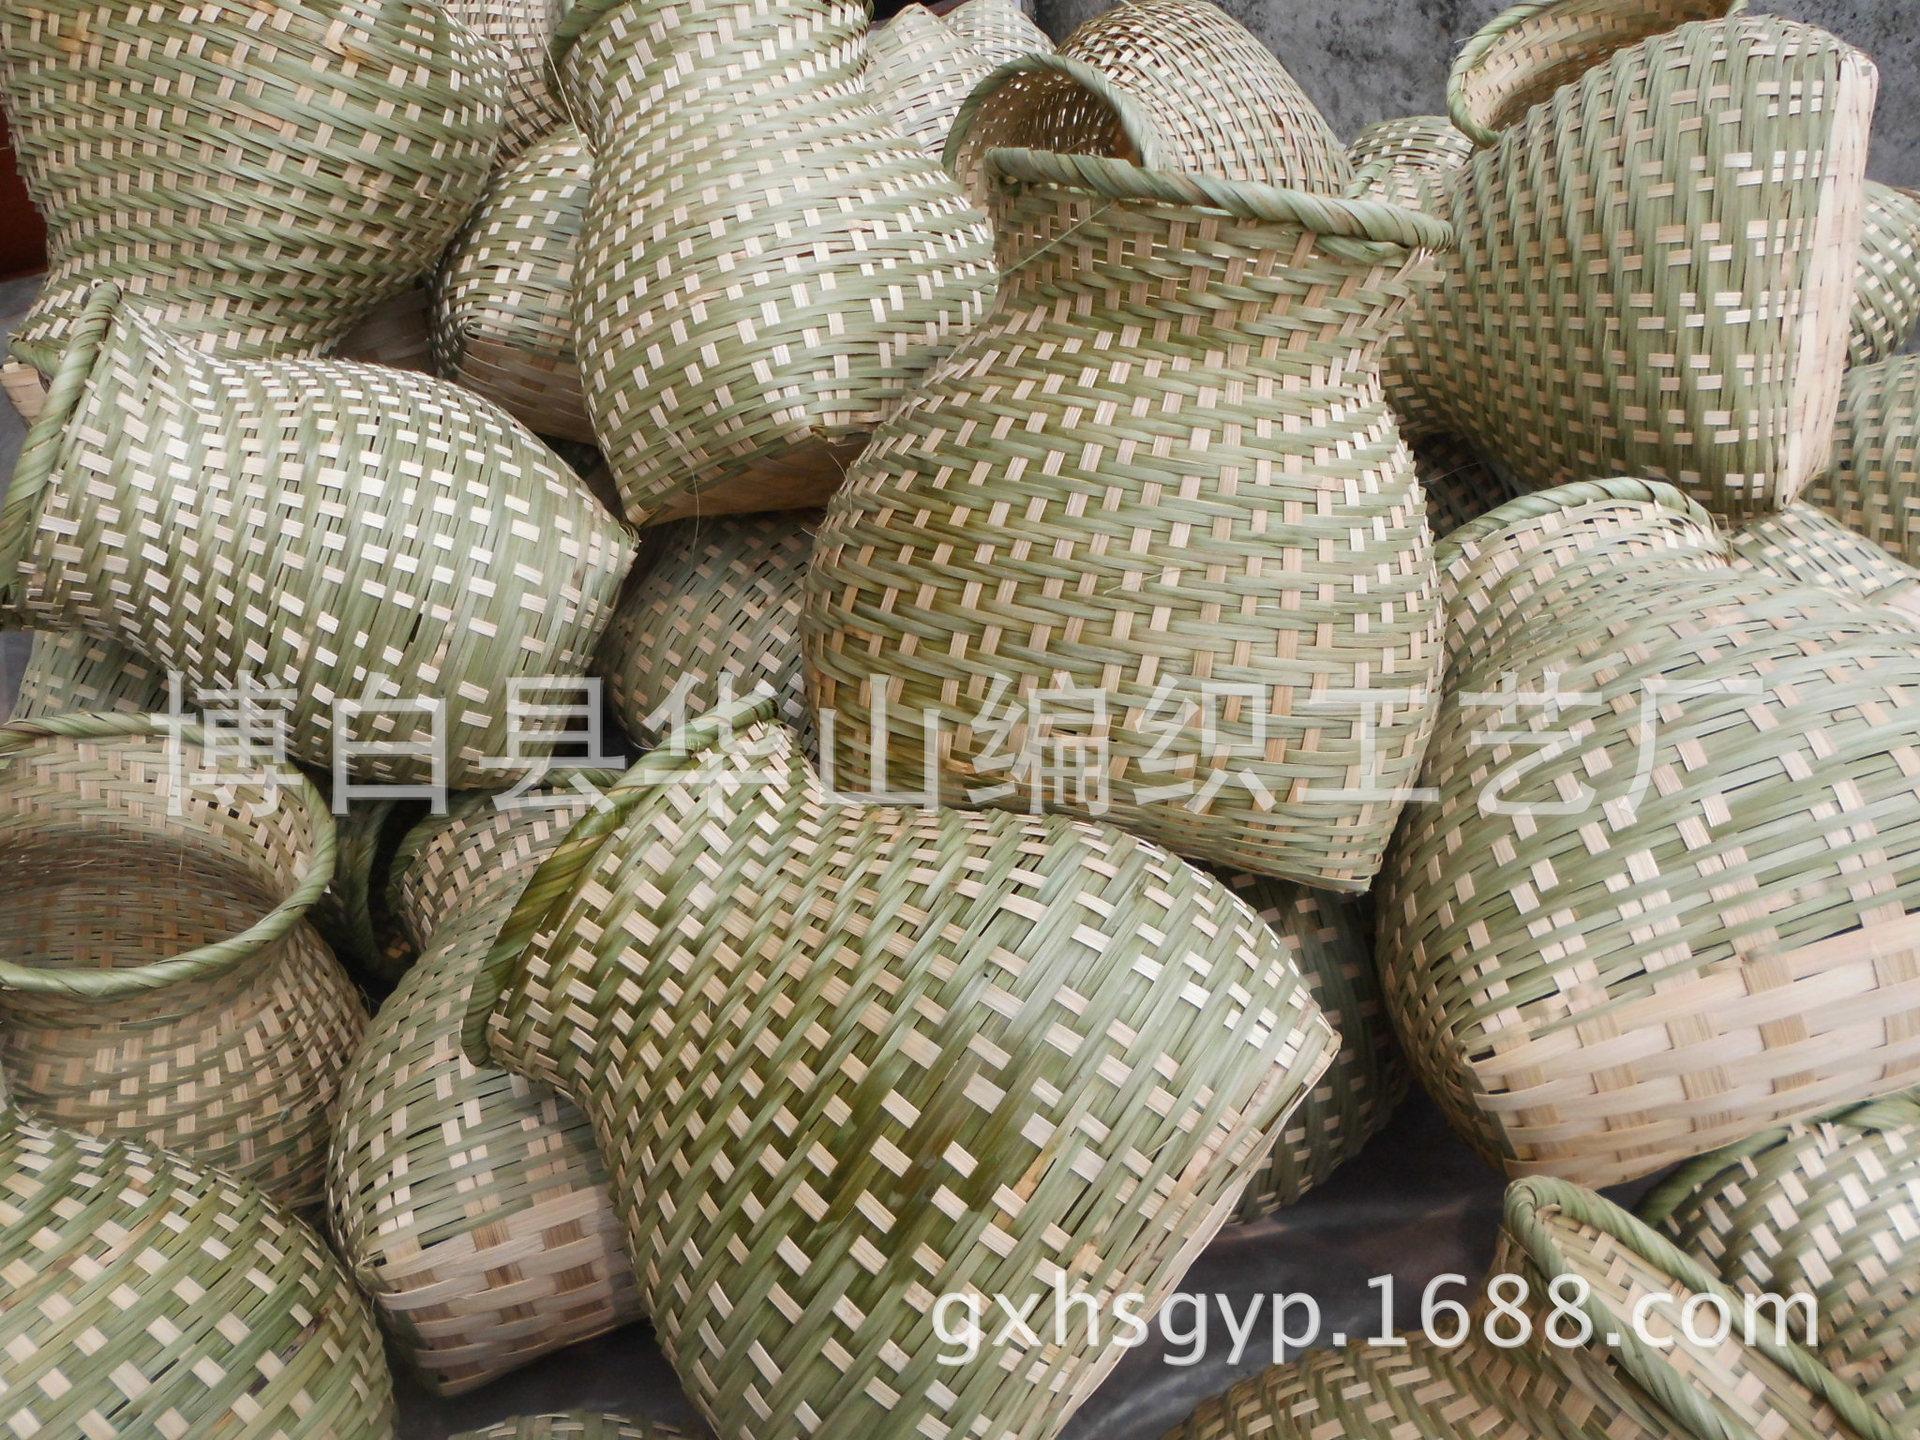 【竹篓厂家短发鱼篓竹编竹背篓装饰道林嘉欣鱼篓图片